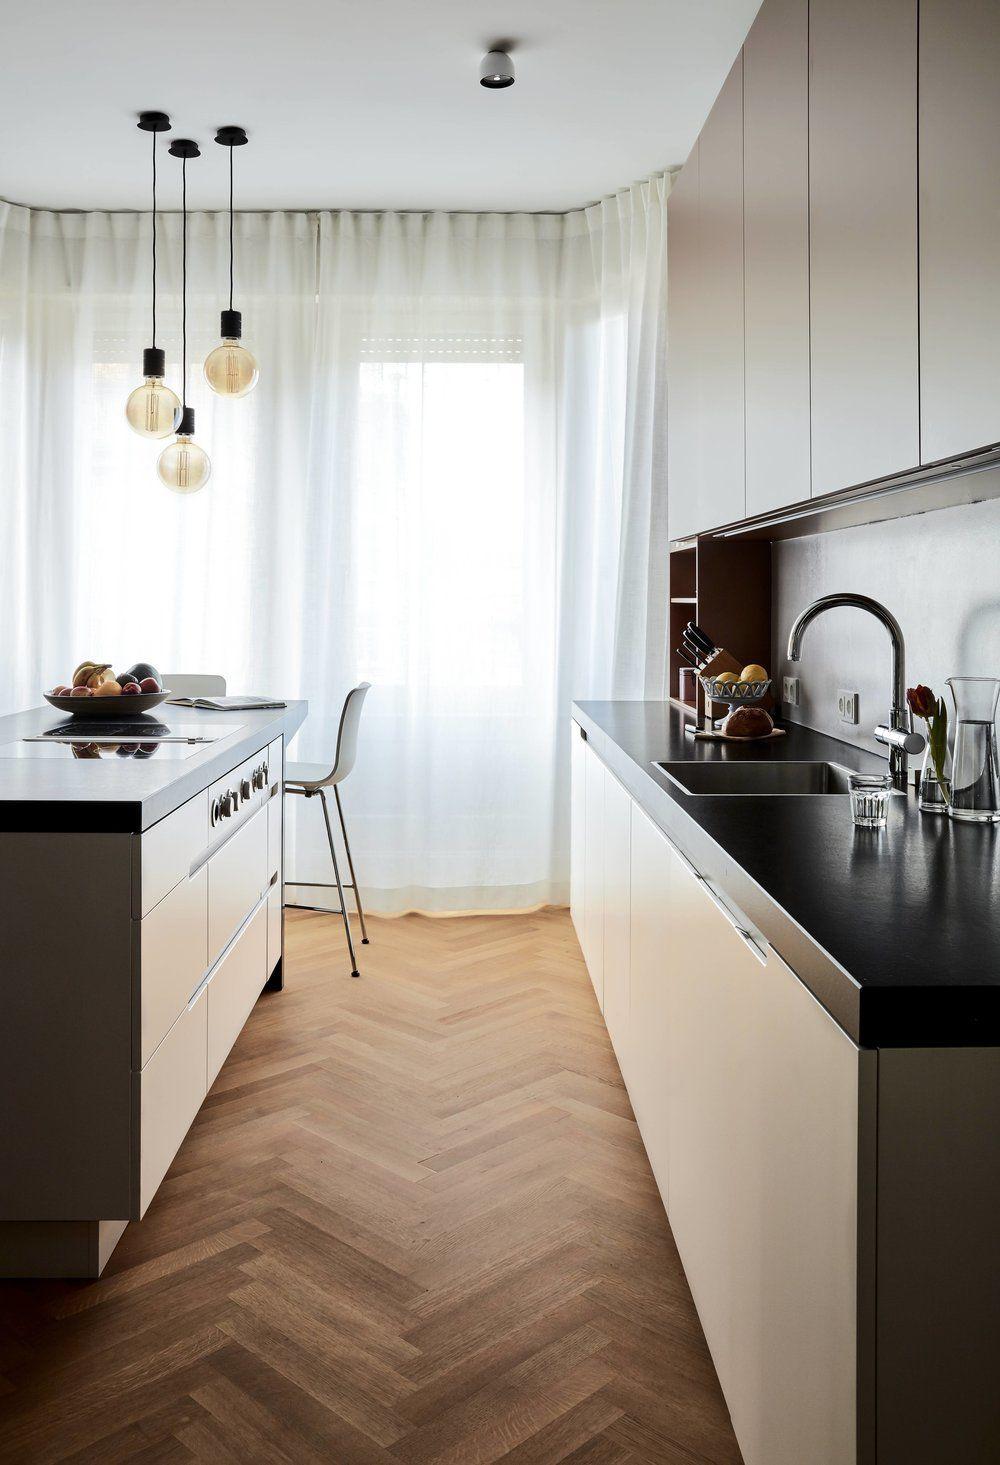 Interior,Living,Wohnen,Apartment, Architecture,Design,Kitchen,Pott ...